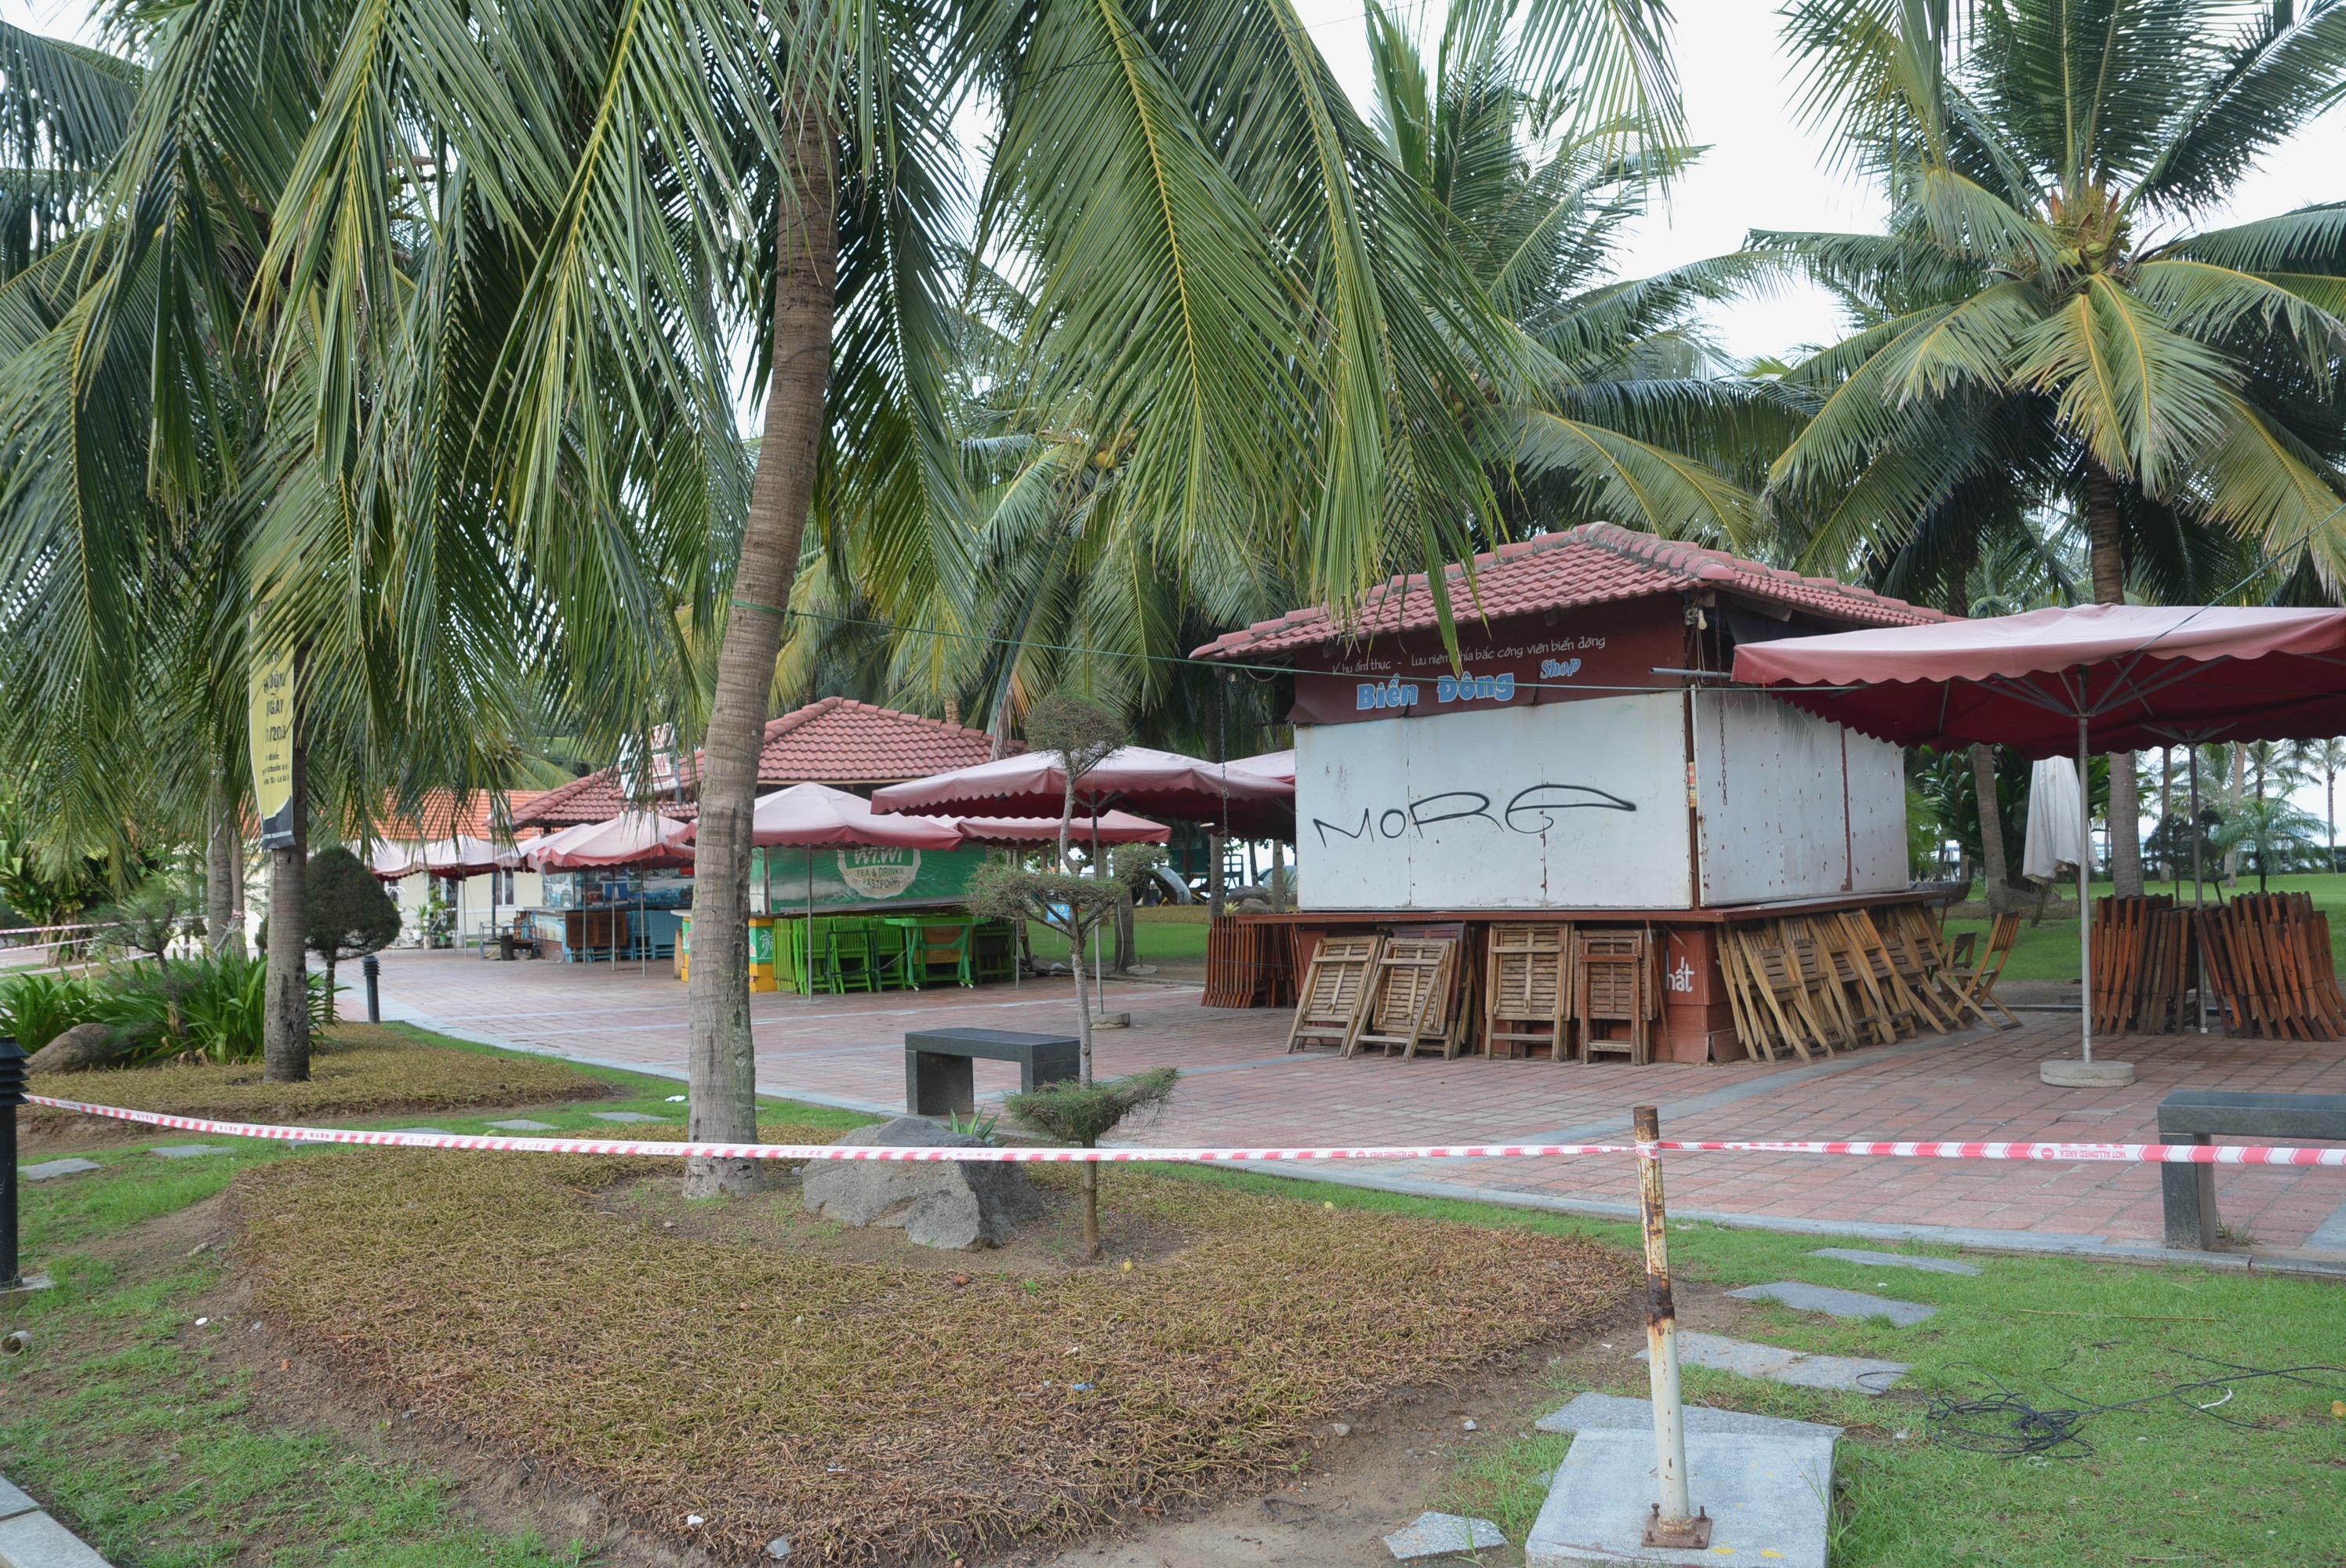 Hàng quán Đà Nẵng sau hơn một tháng giãn cách vì dịch COVID-19 - Ảnh 16.